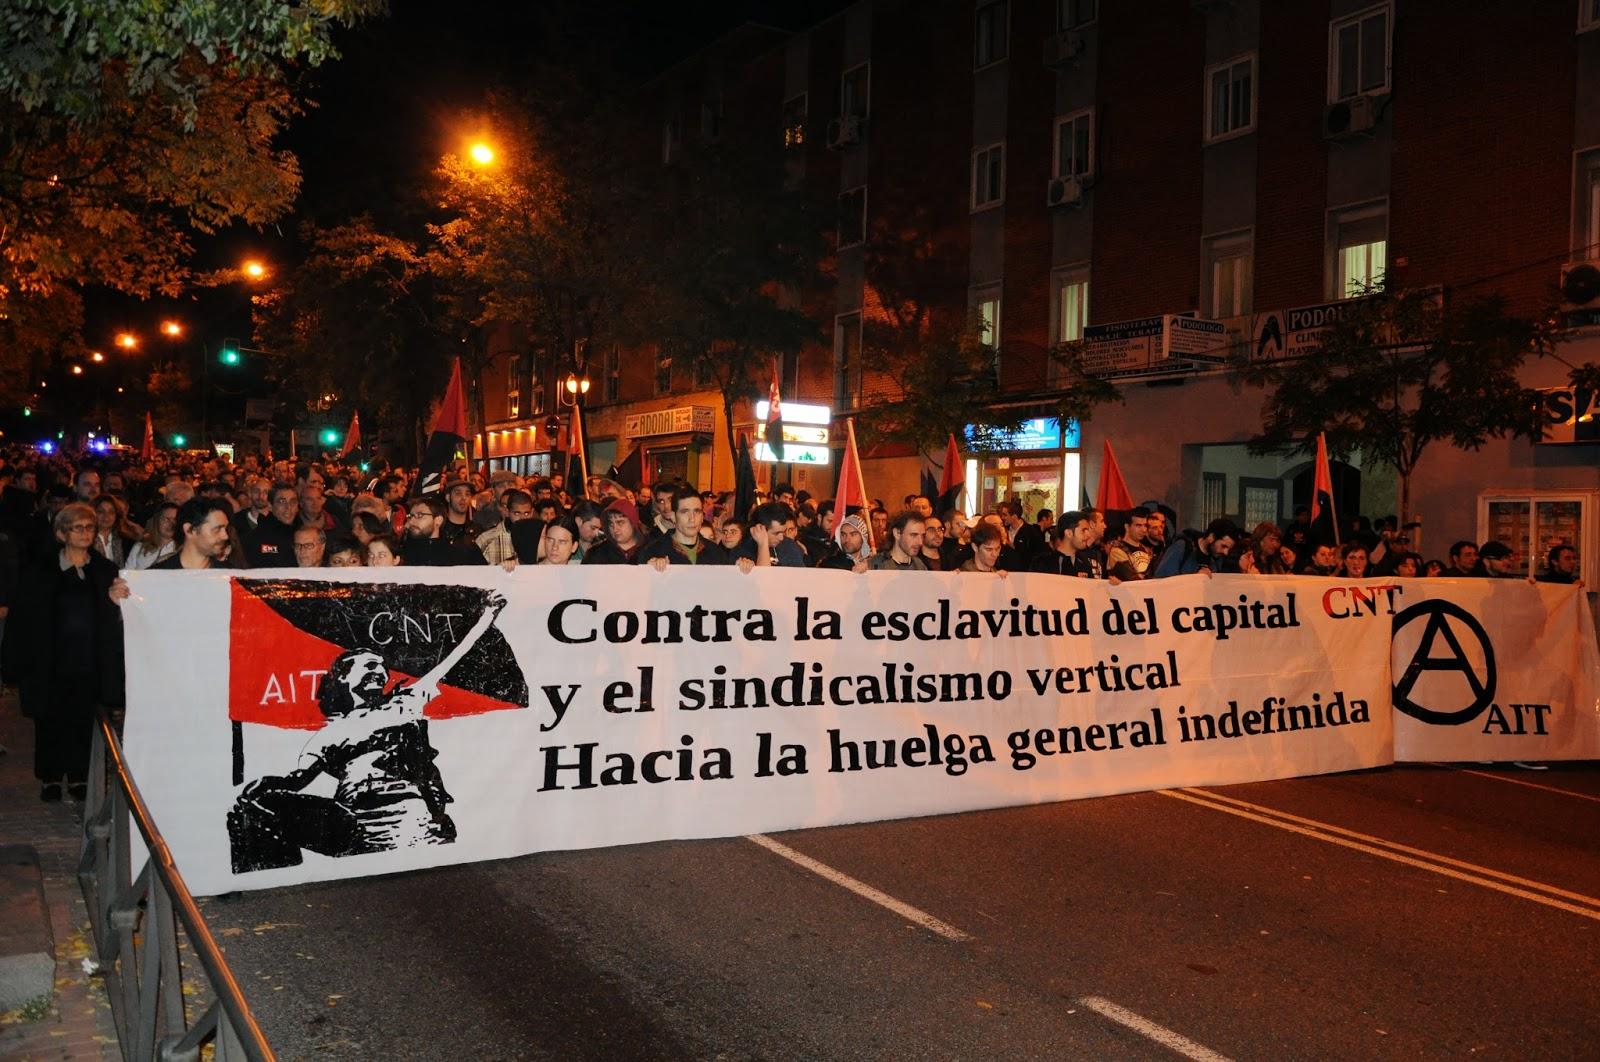 as,antena 3,analytics, anarquismo,anarquista,anarquistas,Anarquistas, Anarquistas,Anarquía,https://www.facebook.com/pages/Anarquistas/378066755607147 ,Anarquismo,CNT AIT,libertarios,comunismo libertario,socialismo ,El anarquismo es, Anarquistas, Noticias sobre anarquistas,Movimientos sociales, Noticias sobre anarquistas,Federación Anarquista Ibérica,Cruz Negra Anarquista, Tierra y Libertad, Períodico anarquista, Imágenes de anarquistas,significado de anarquismo diccionario, Búsquedas relacionadas con anarquistas  anarquistas españoles  anarquistas famosos  mujeres anarquistas  pensadores anarquistas  frases anarquistas  paises anarquistas  anarquistas españoles famosos  camisetas anarquistas